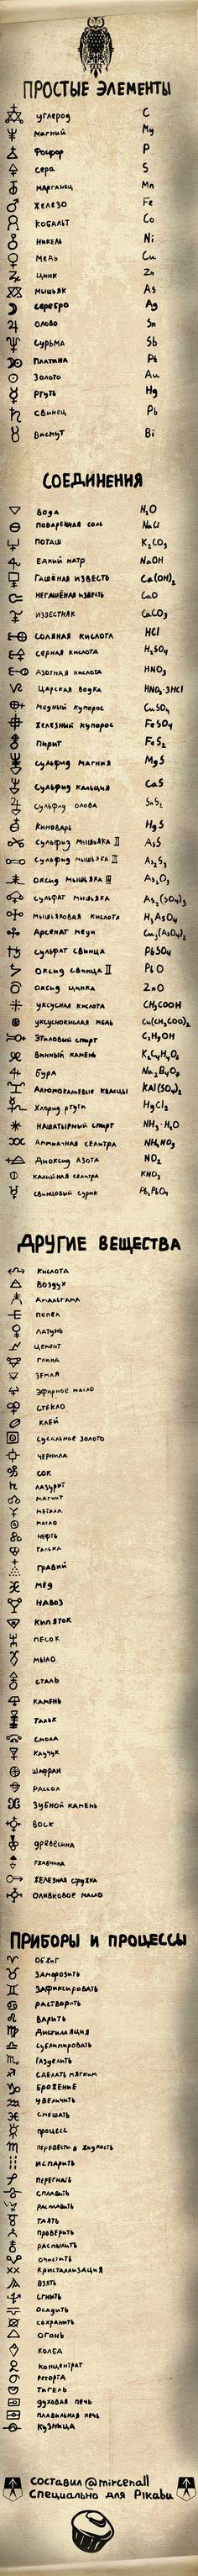 Алхимические символы веществ и процессов химия, алхимия, лига химиков, свиток, элементы, символы, длиннопост